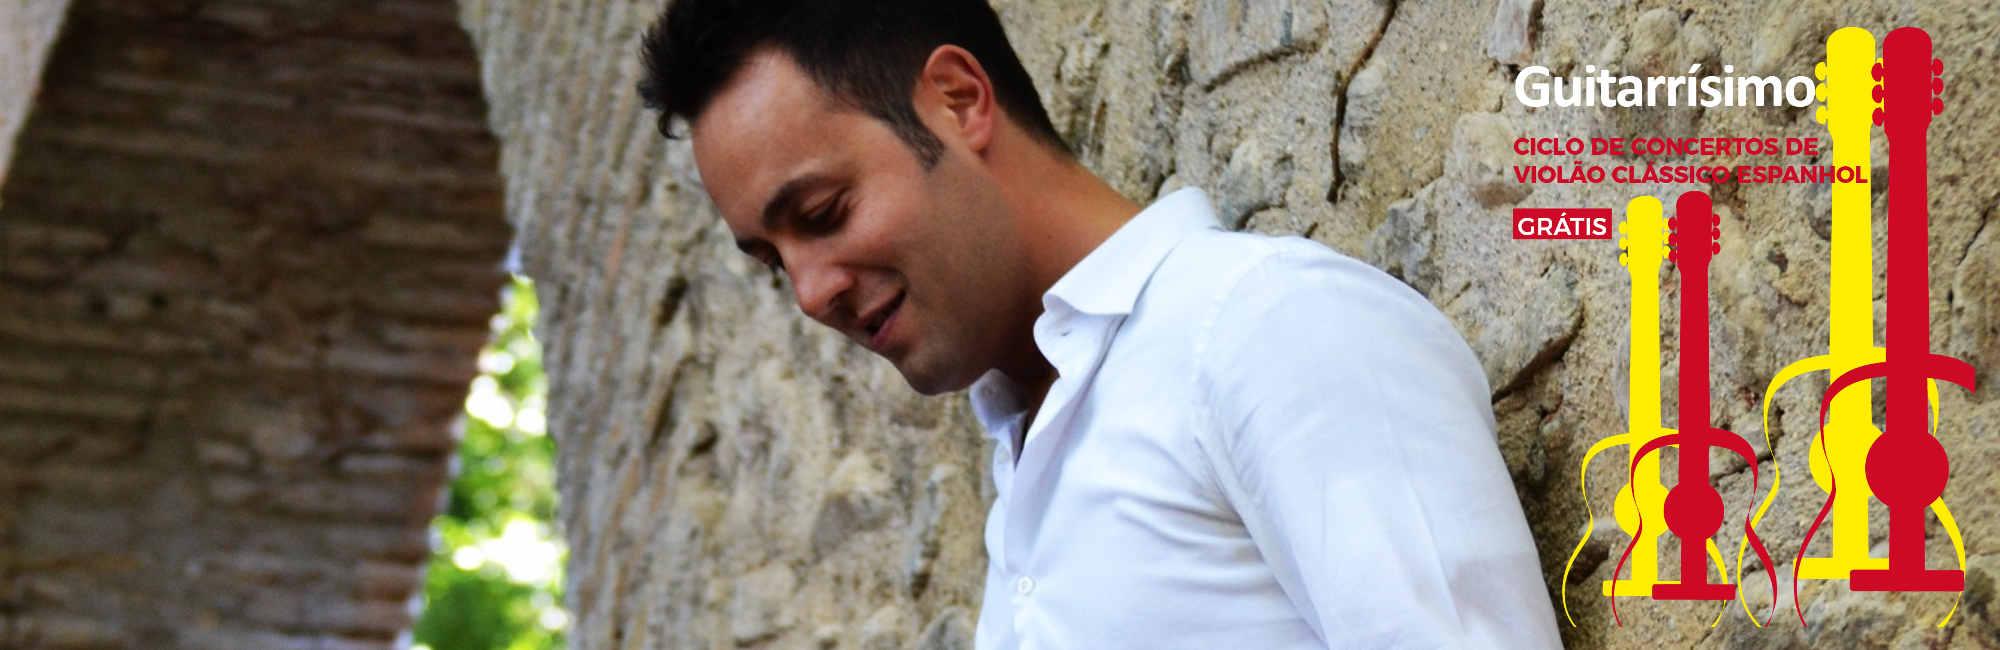 David Martínez García encerra ciclo de concertos Guitarrísimo